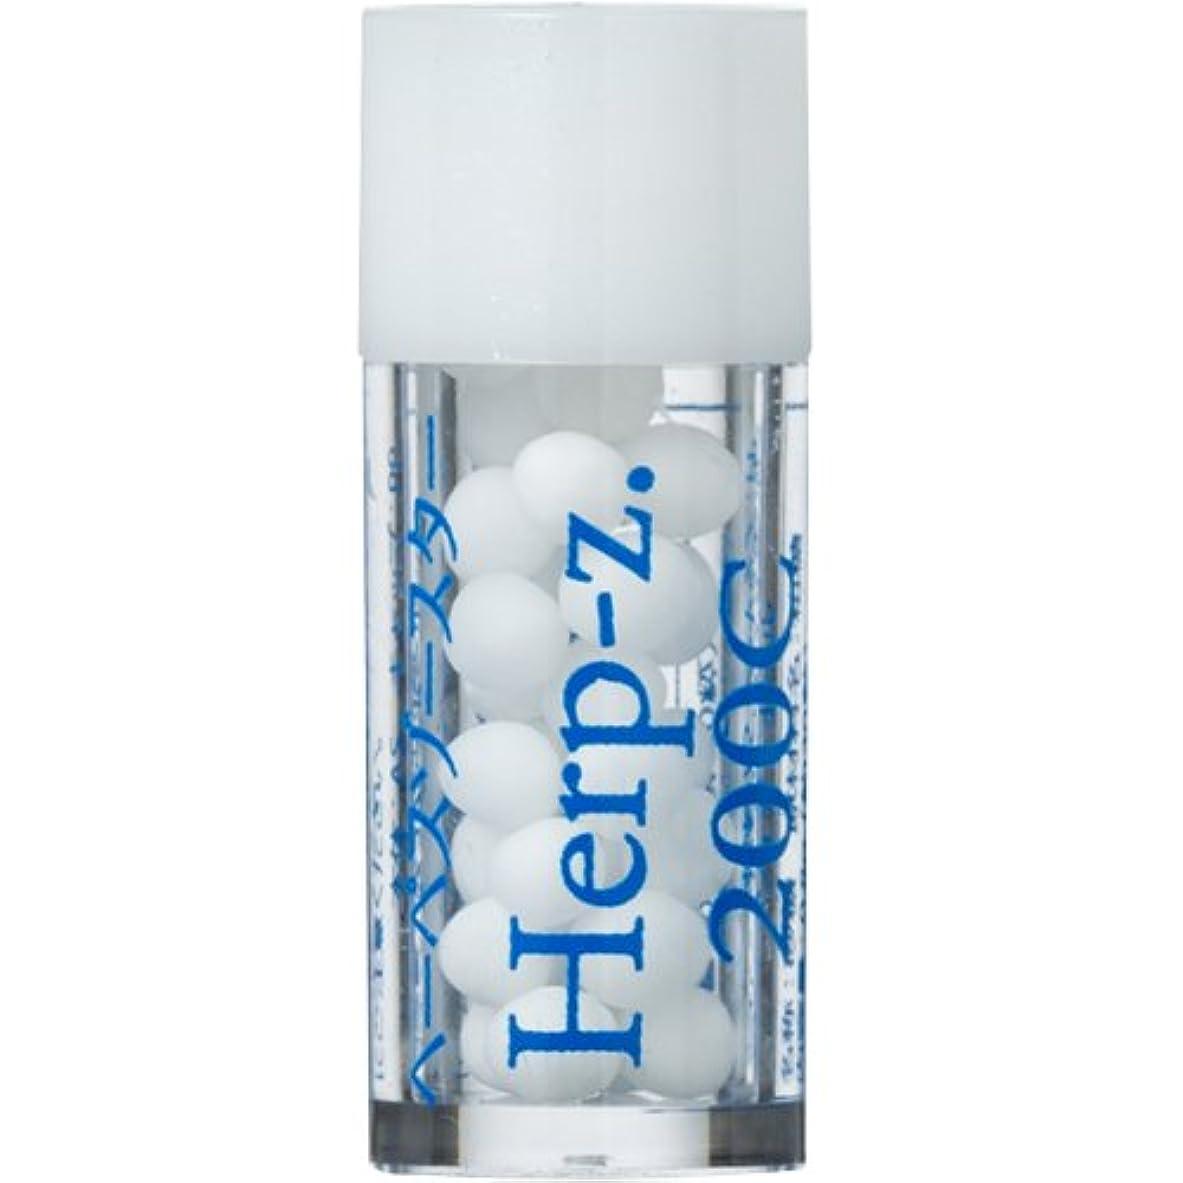 ケーブル傾くゴミ箱を空にするホメオパシージャパンレメディー YOBO22 Herp-z. ヘーペスゾースター 200C